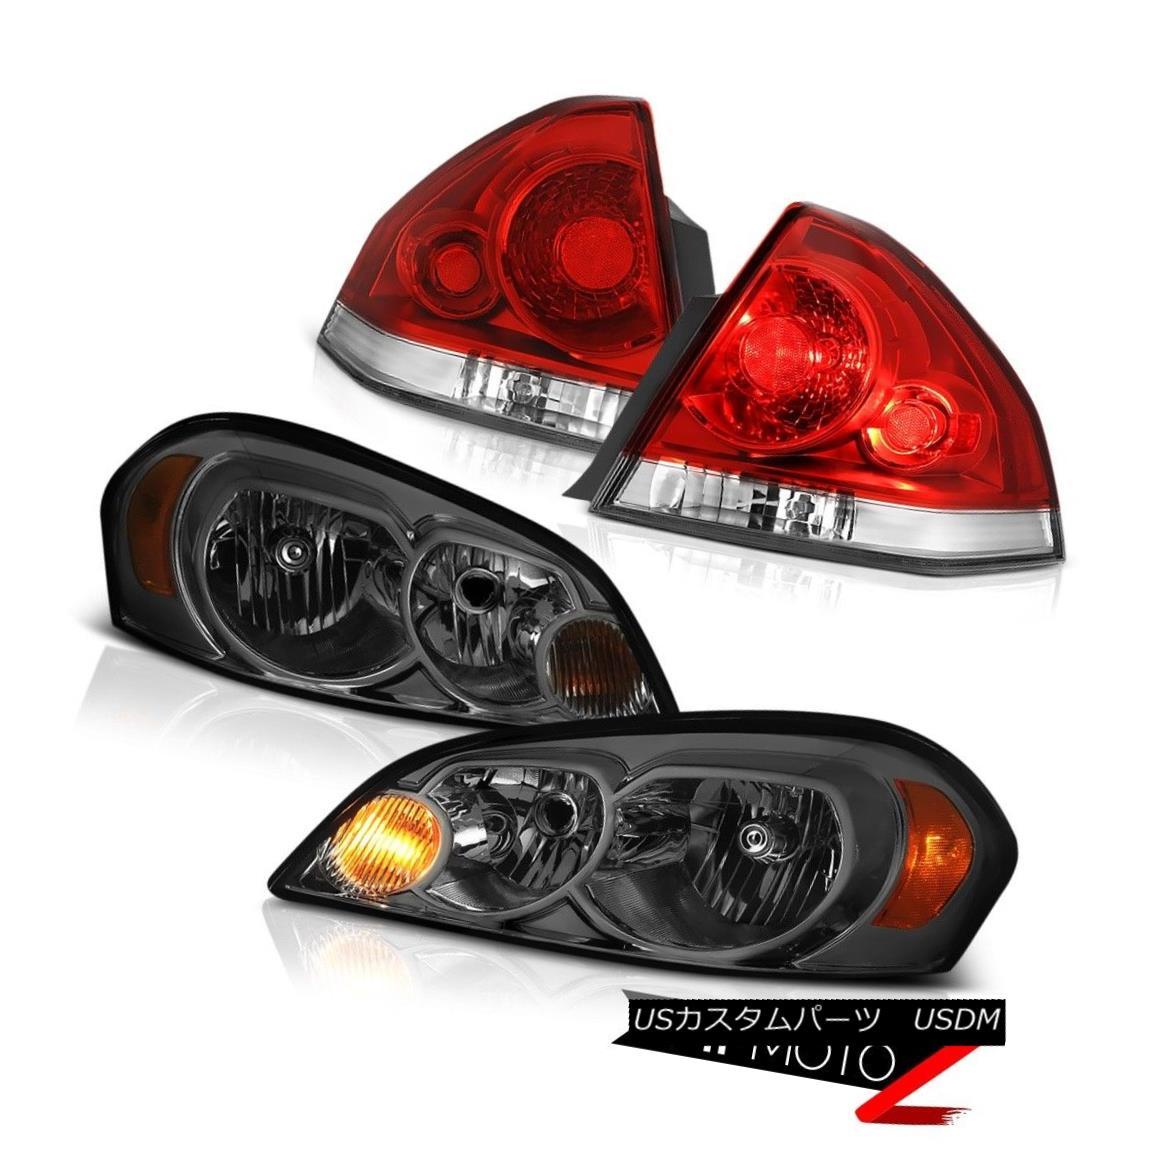 テールライト 06-13 CHEVY IMPALA LTZ Rosso red taillights headlights Factory Style OE Style 06-13 CHEVY IMPALA LTZロッソレッドテールライトヘッドライト工場スタイルOEスタイル